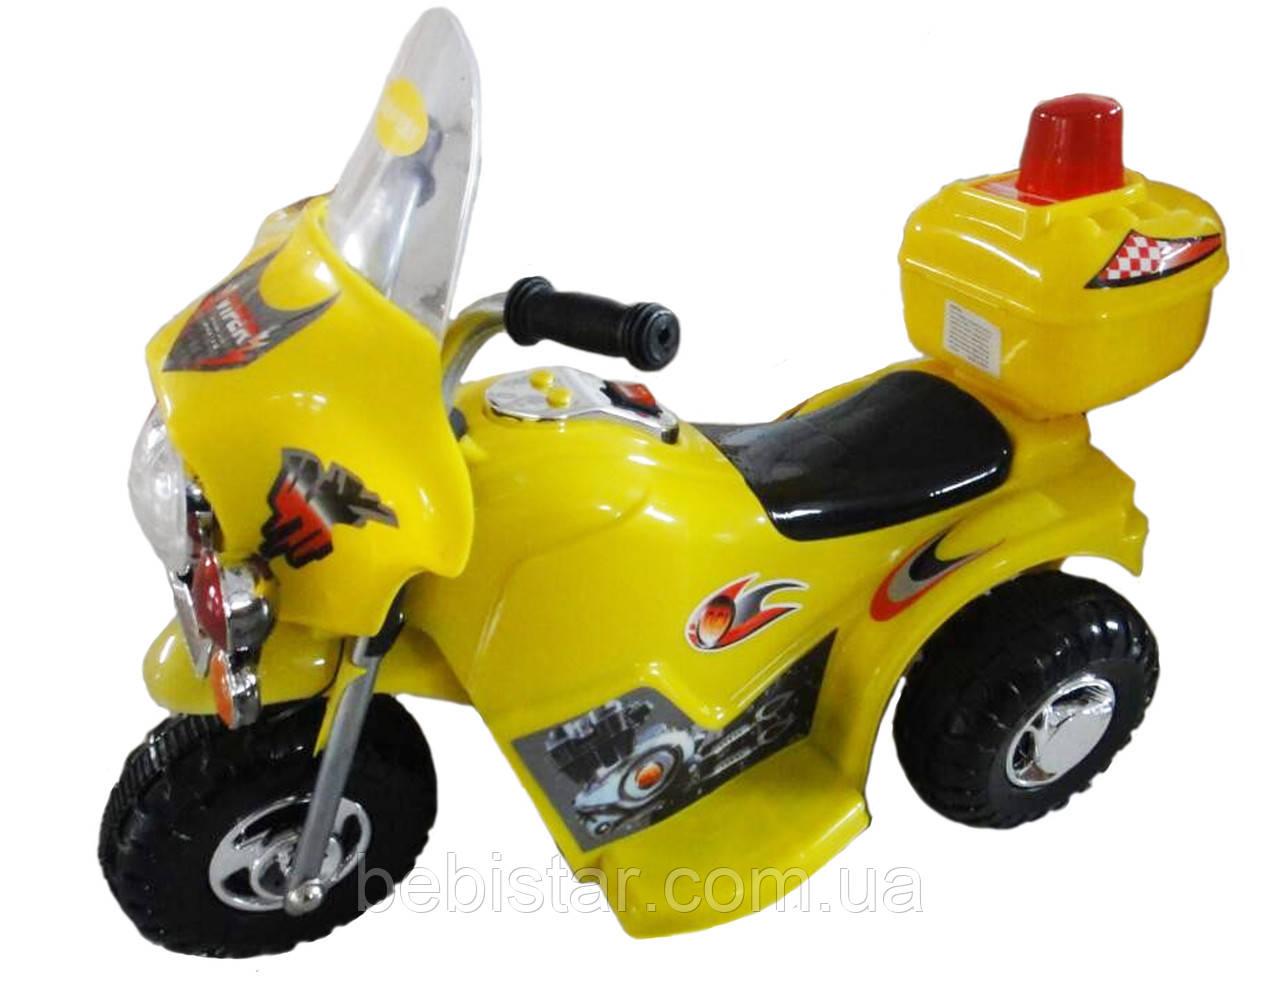 Дитячий електромобіль-мотоцикл Т-723 жовтий дітям 3-5 років